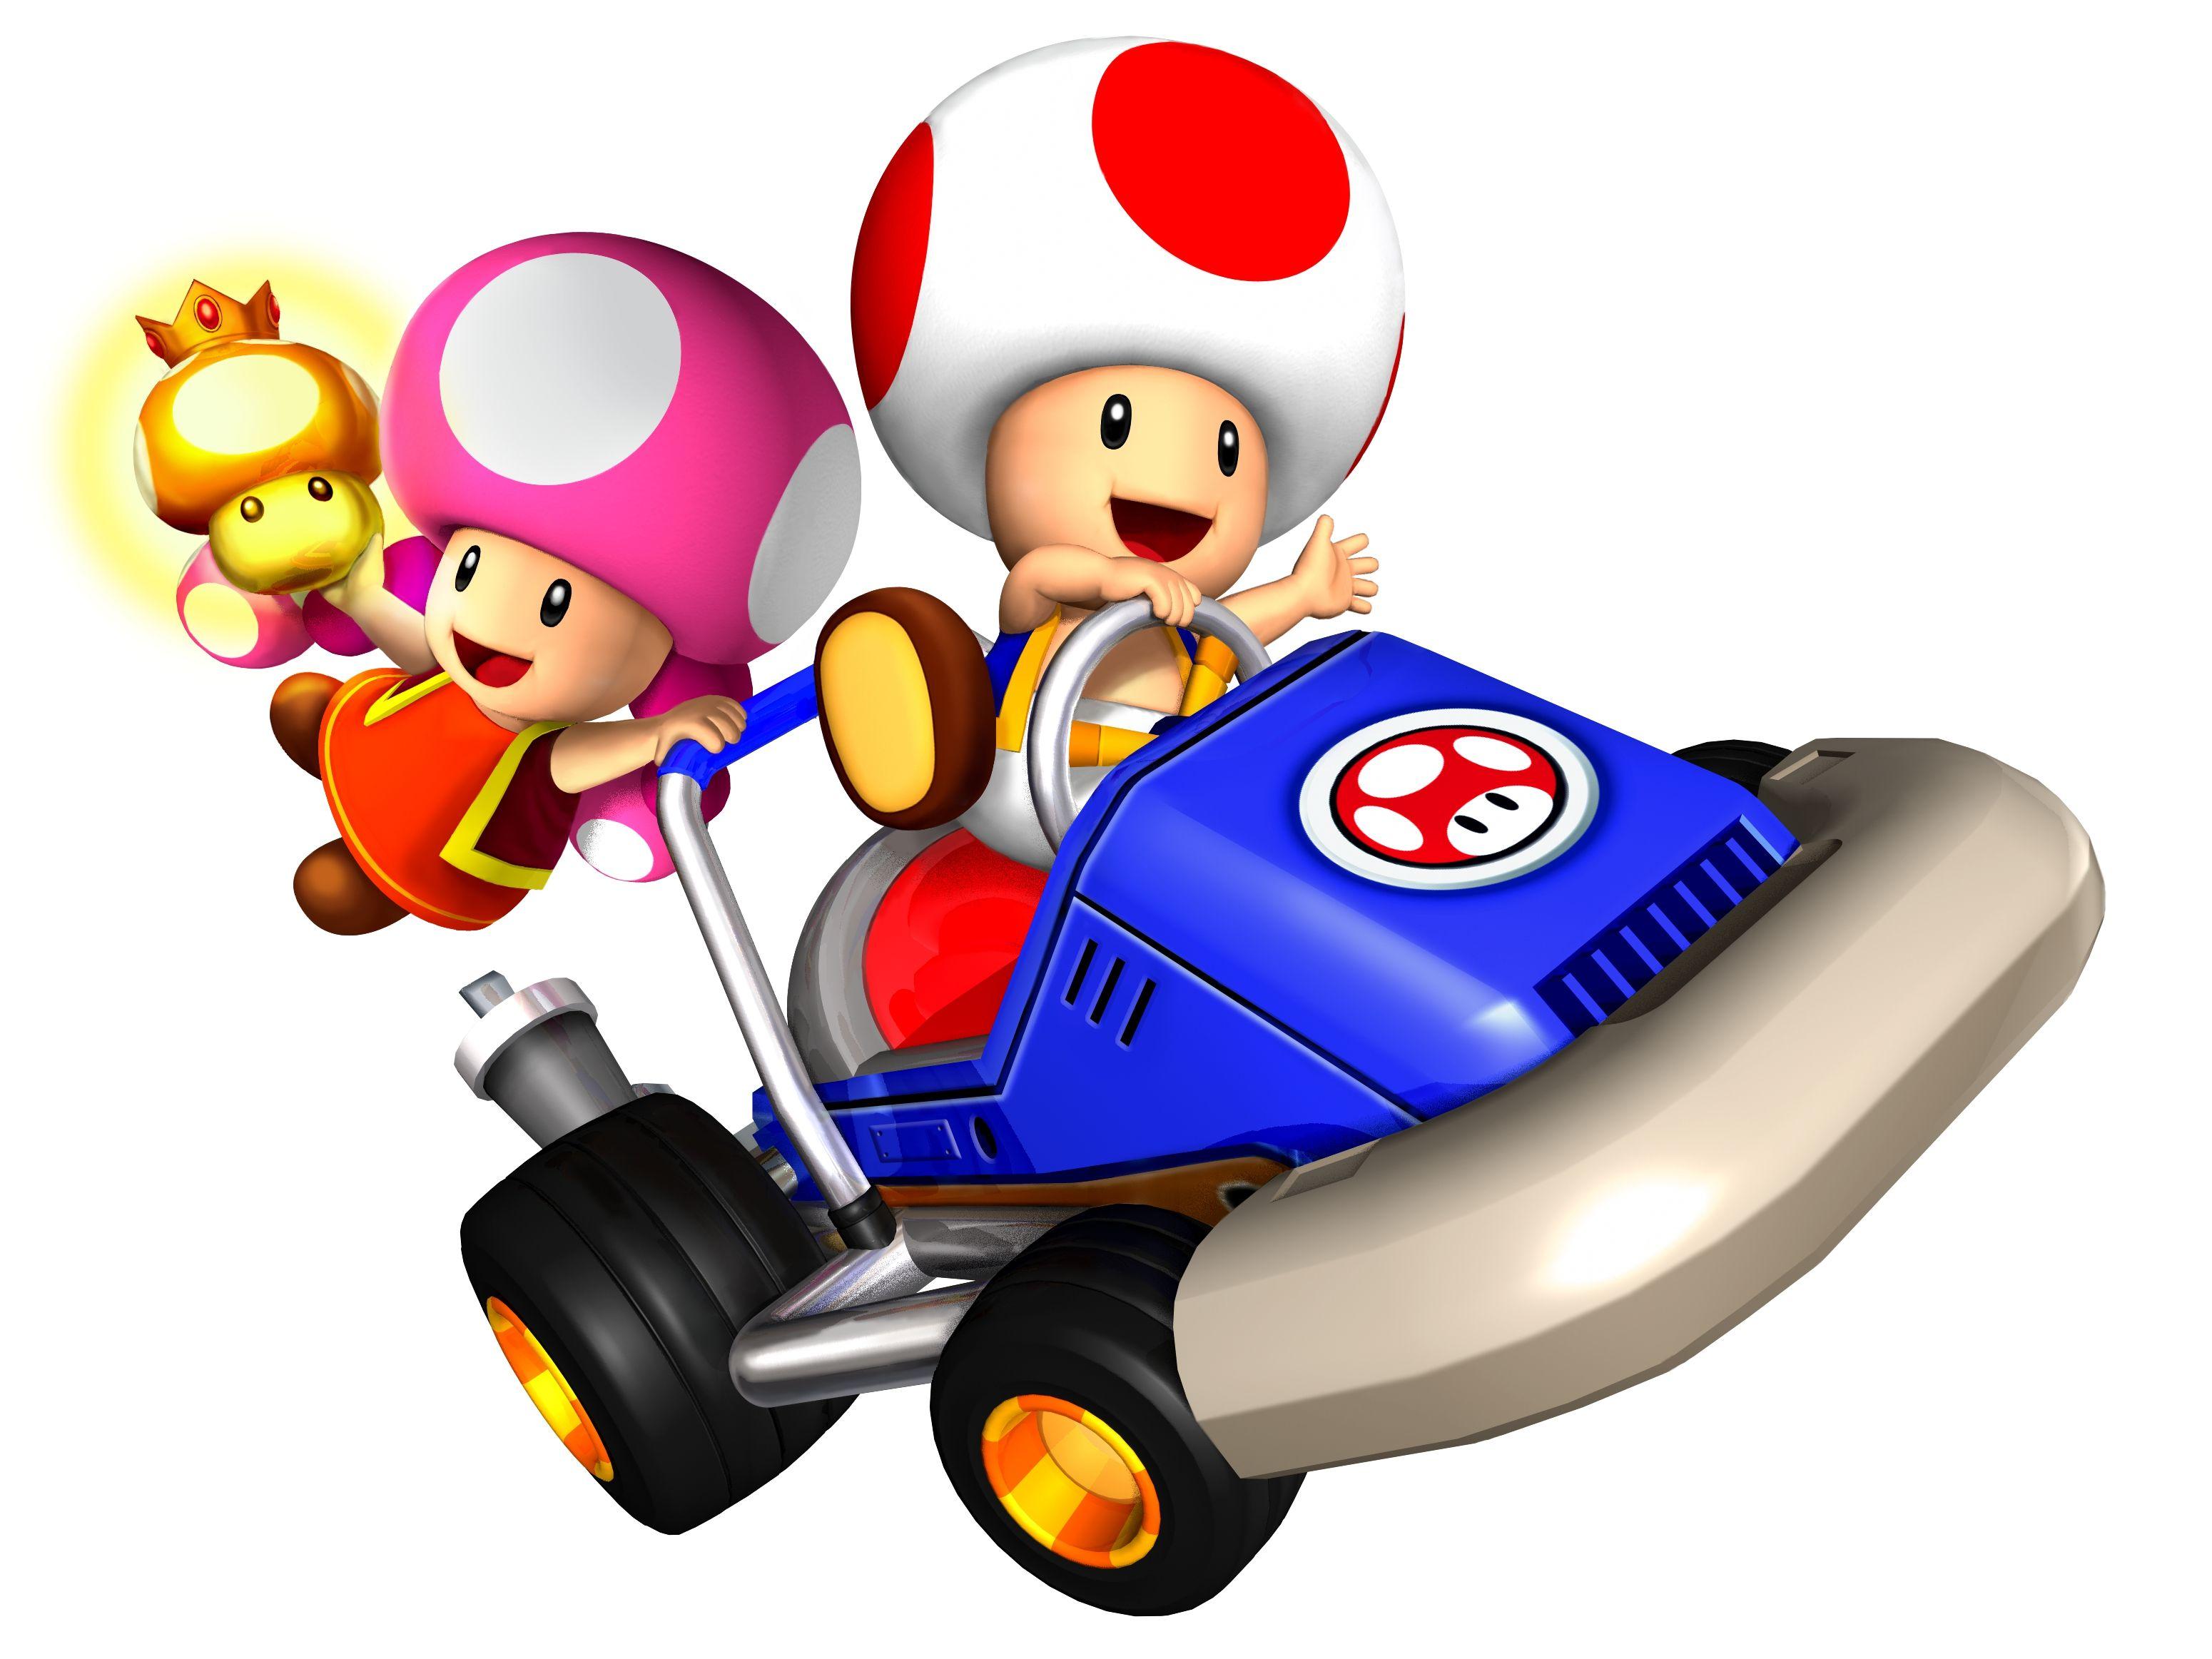 Toad Toadette In Mario Kart 2 Dash Mario Kart Toad Mario Kart Super Mario Bros